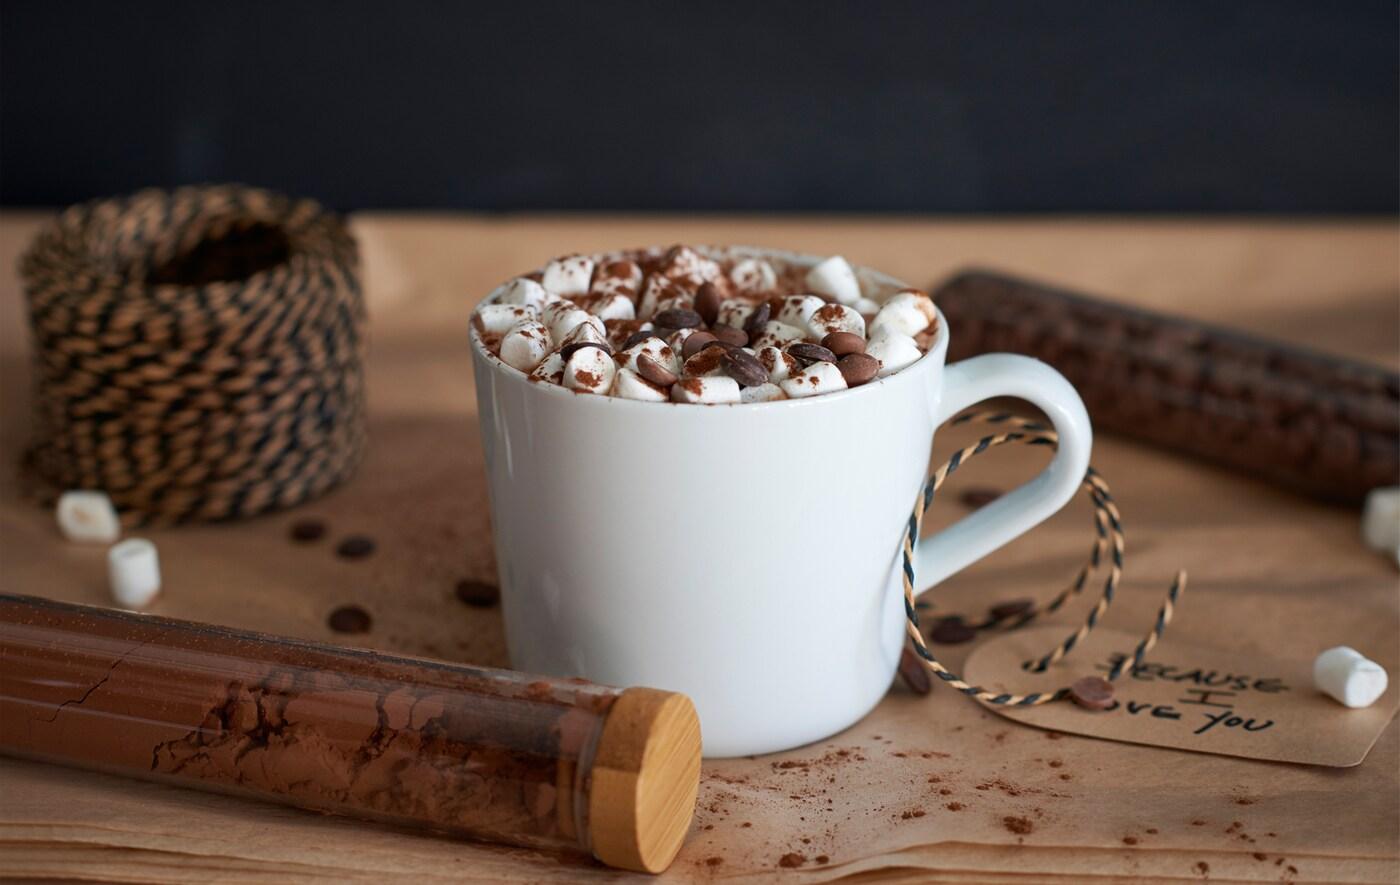 Tasse blanche remplie de chocolat chaud, garni de copeaux de chocolat et de mini-marshmallows.